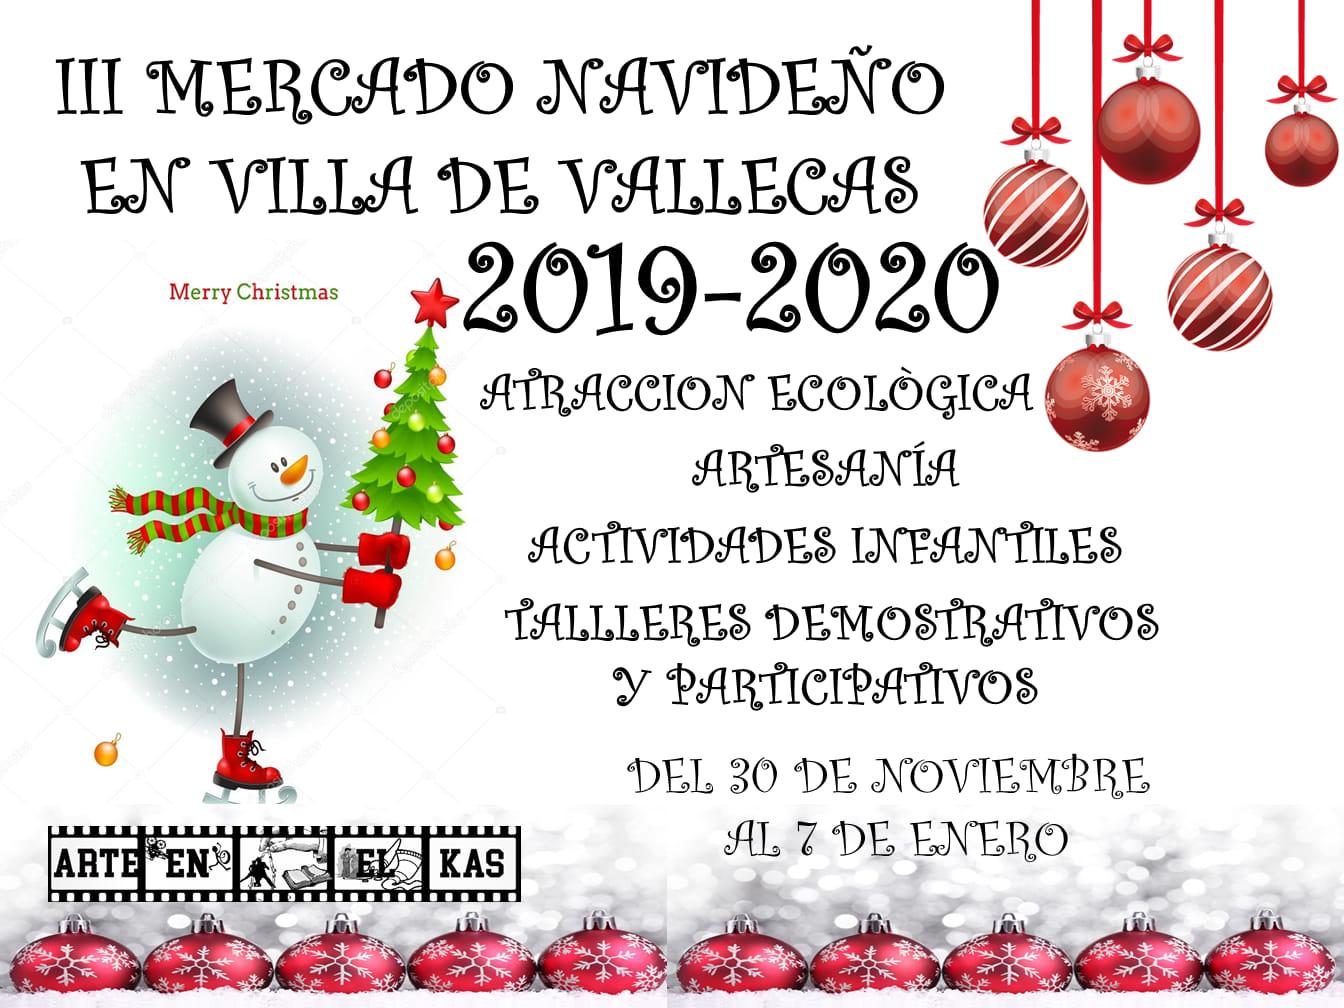 Mercado Navideño Villa de Vallecas 2019